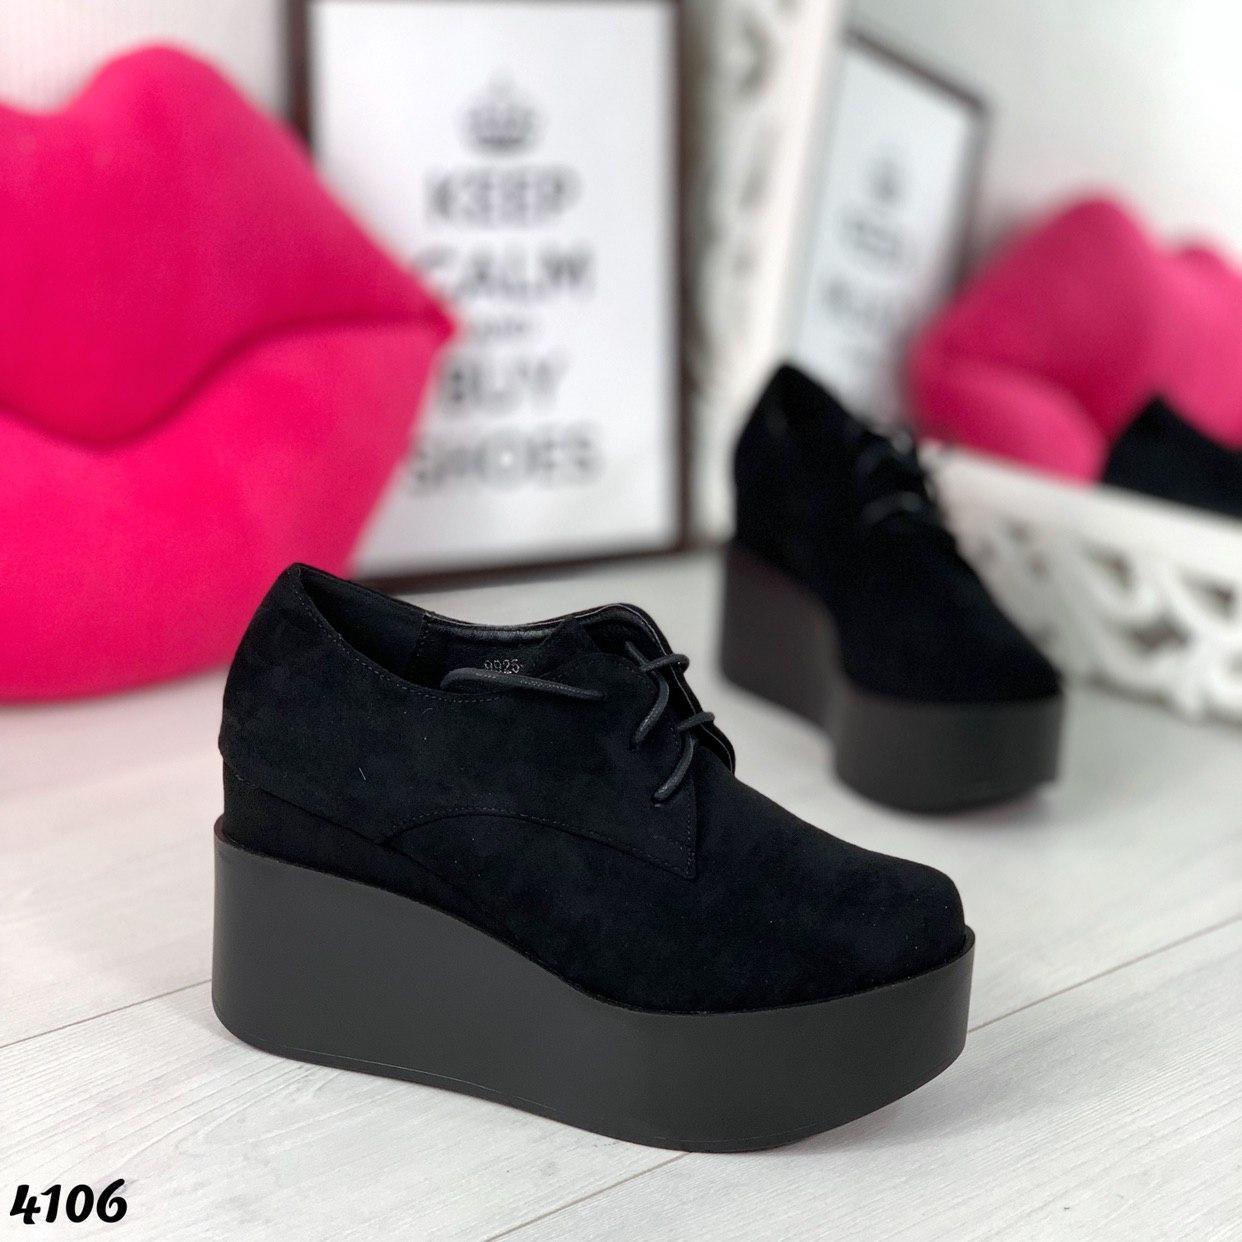 d8ef72040 Ботильоны женские на платформе демисезон р.36, 40 - Irenka Shoes в Полтаве